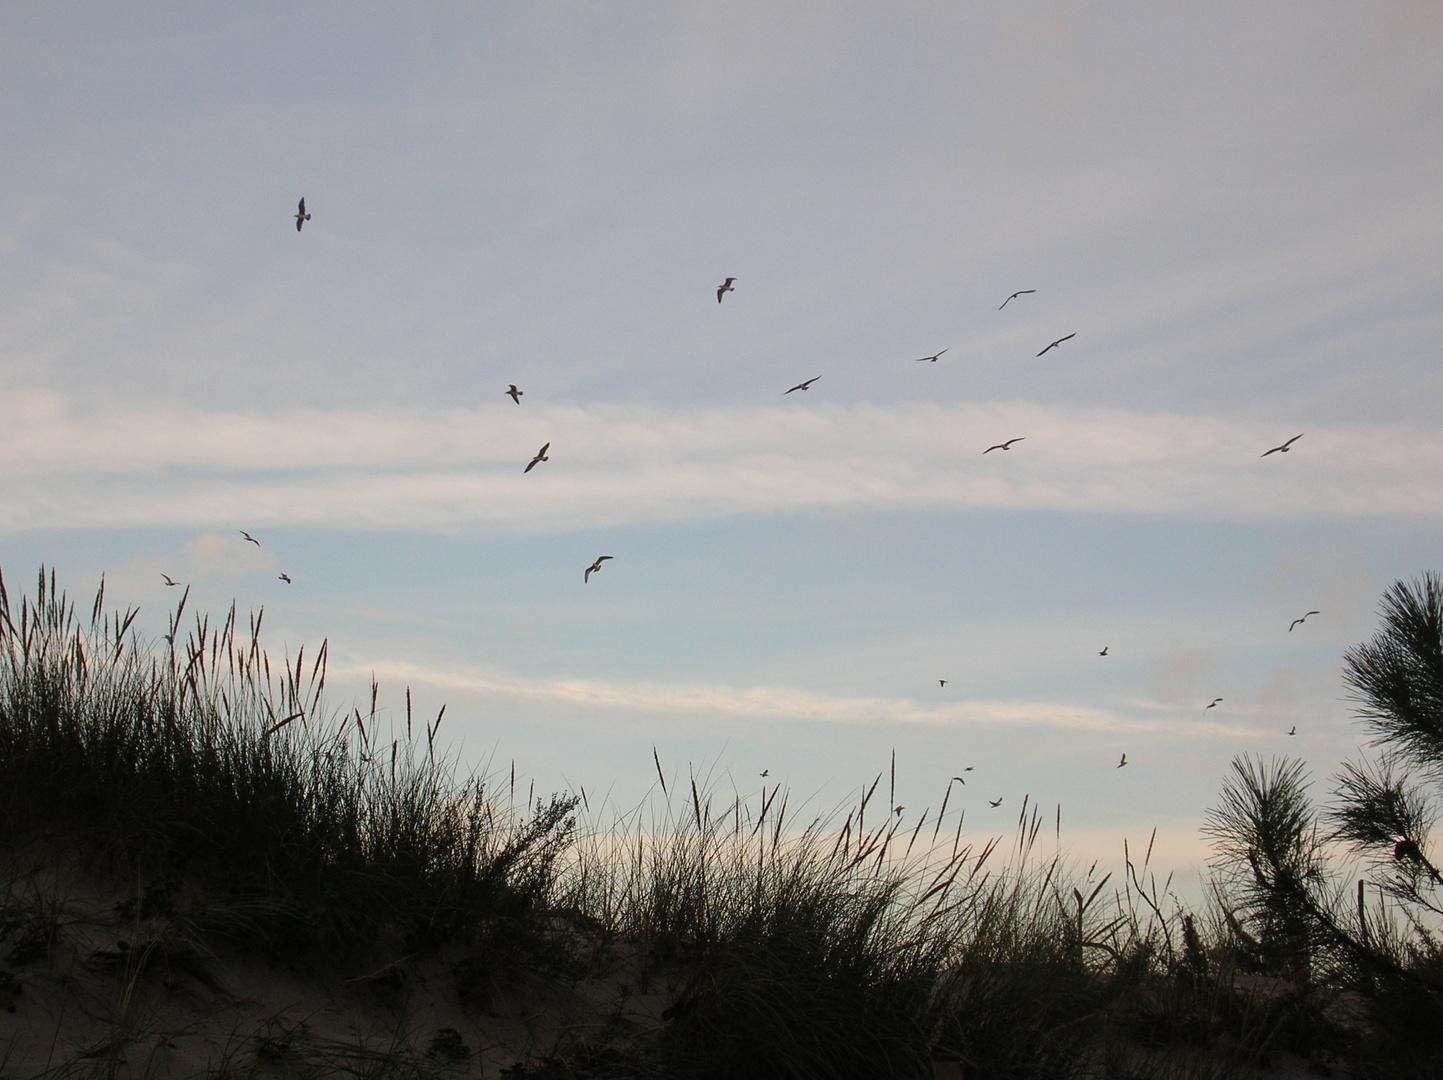 pájaros a contraluz